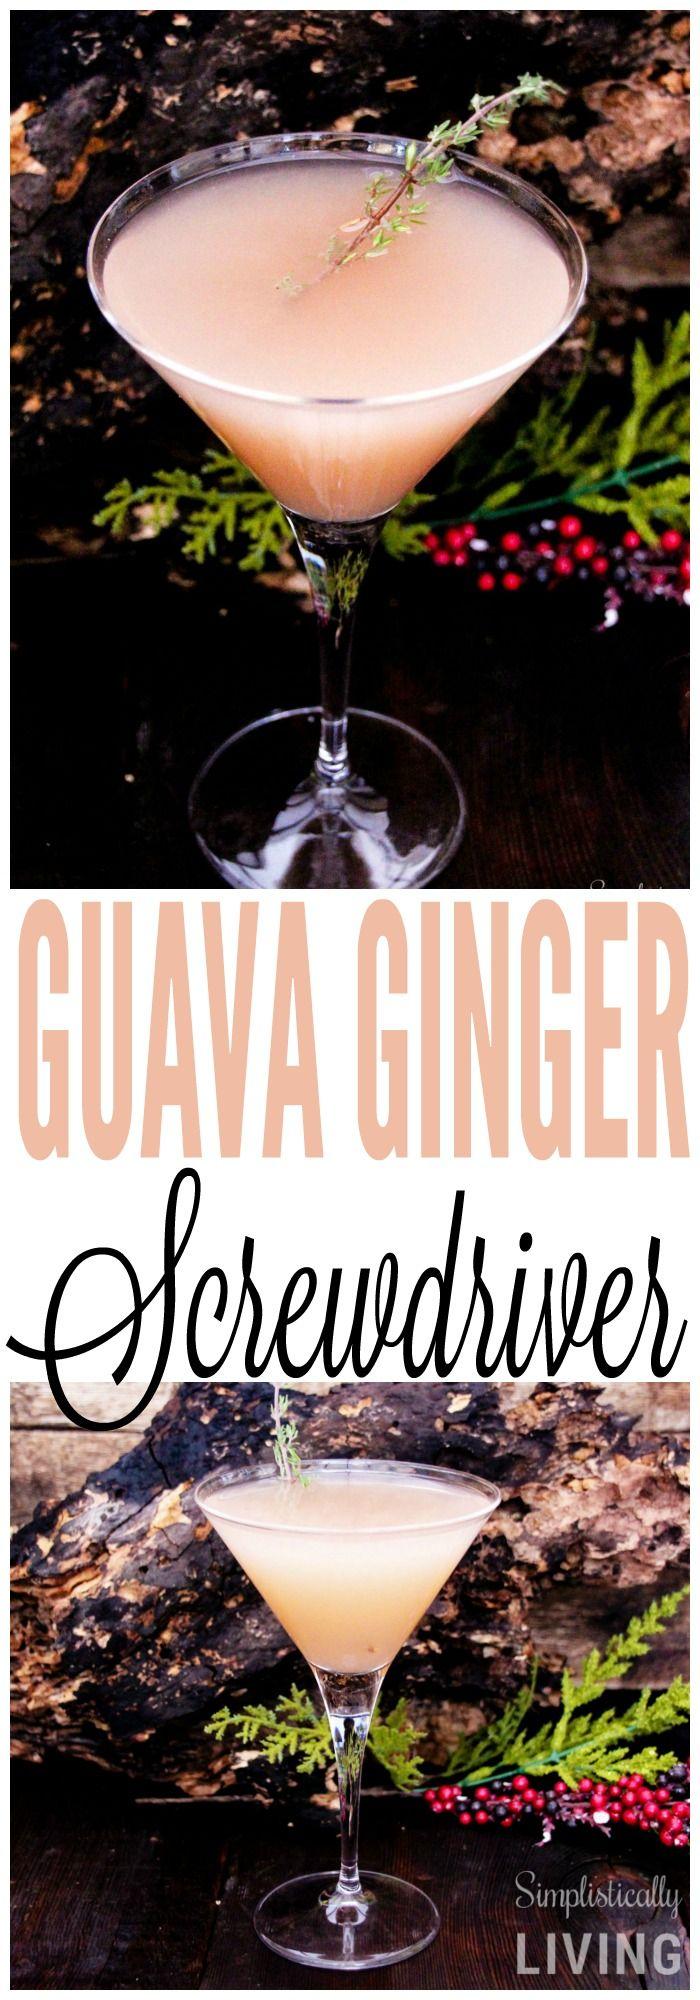 Guava Ginger Screwdriver Simplistically Living